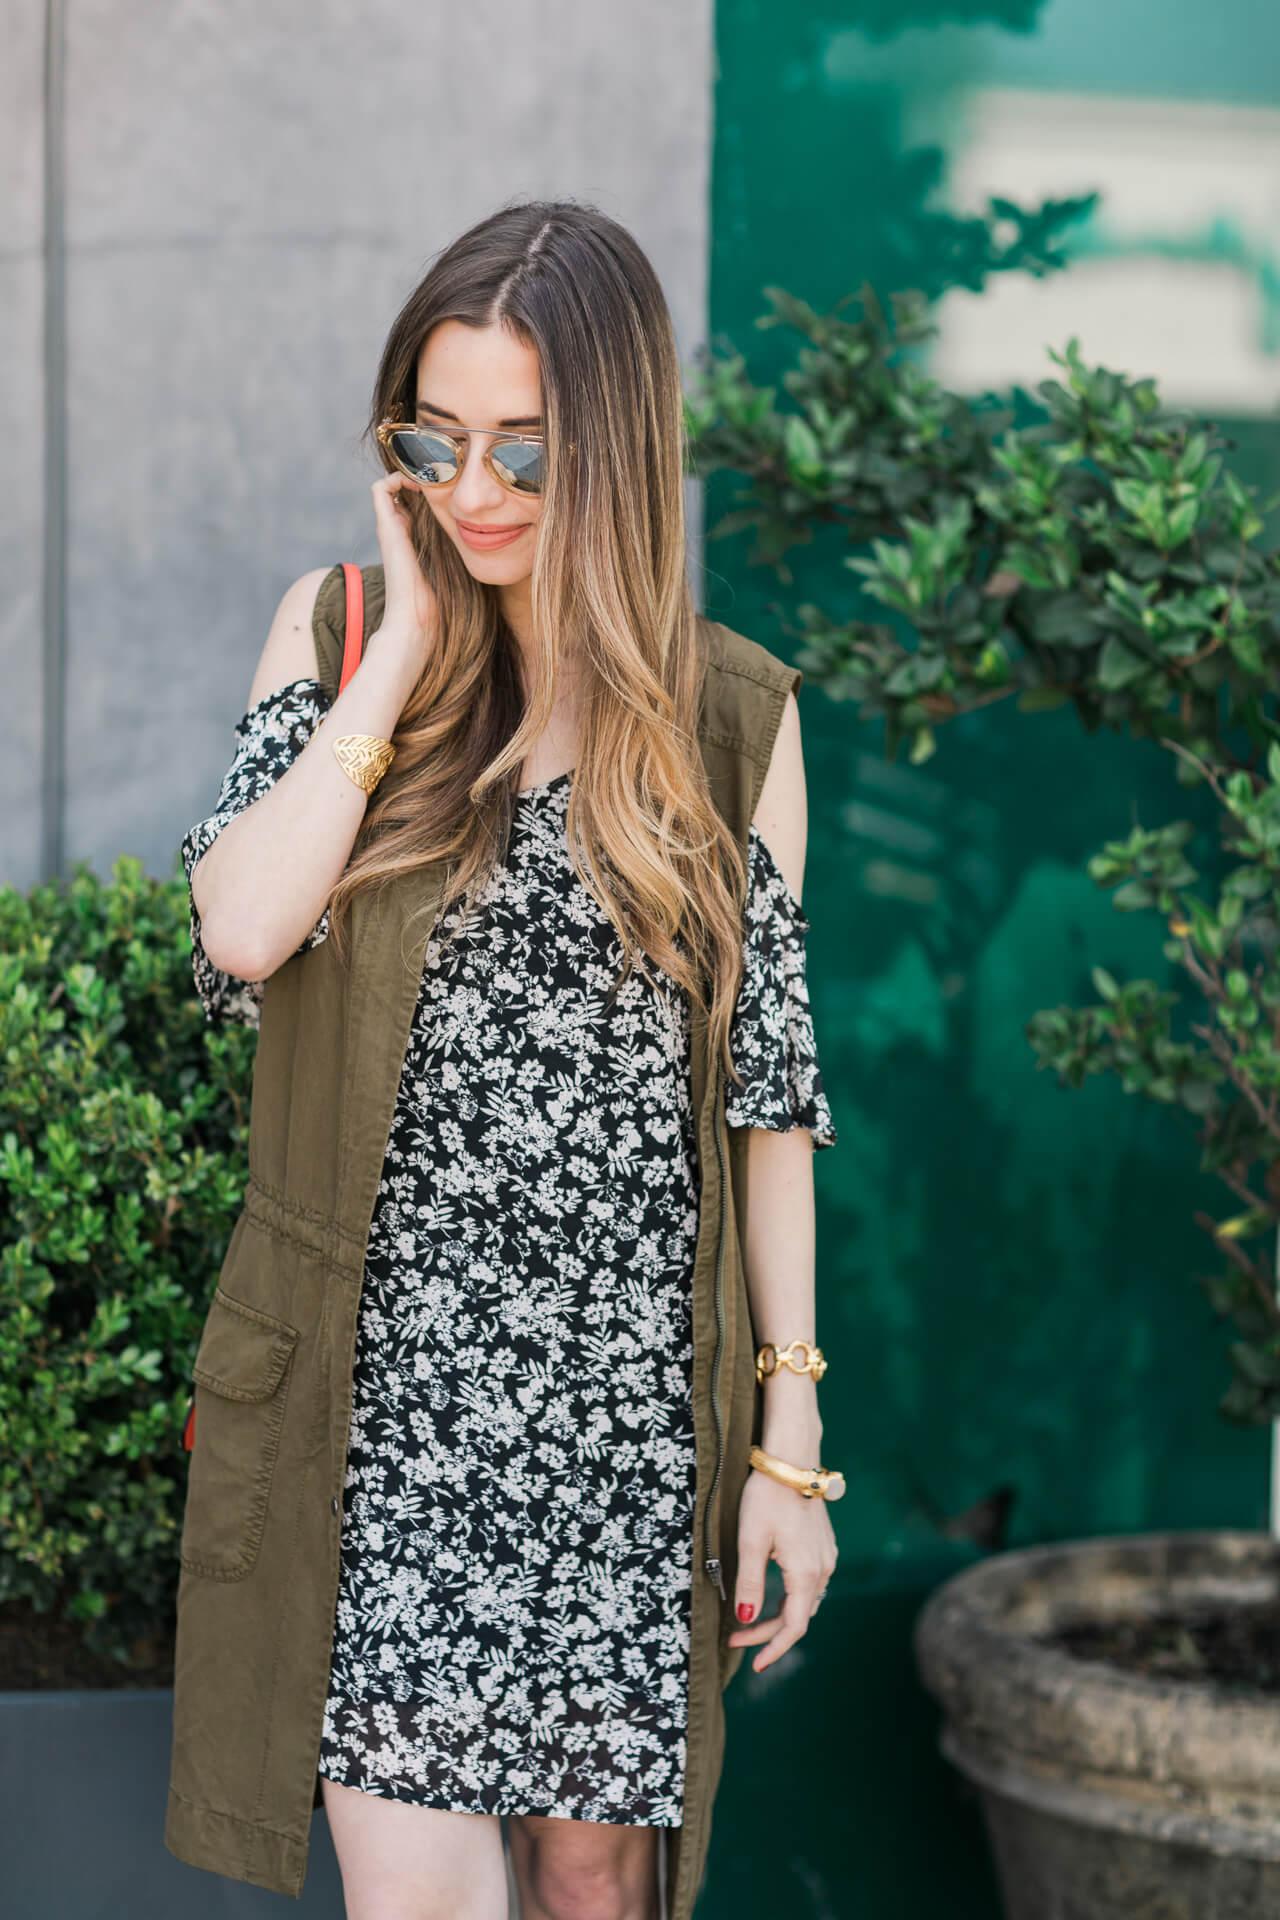 styling a floral cold shoulder dress